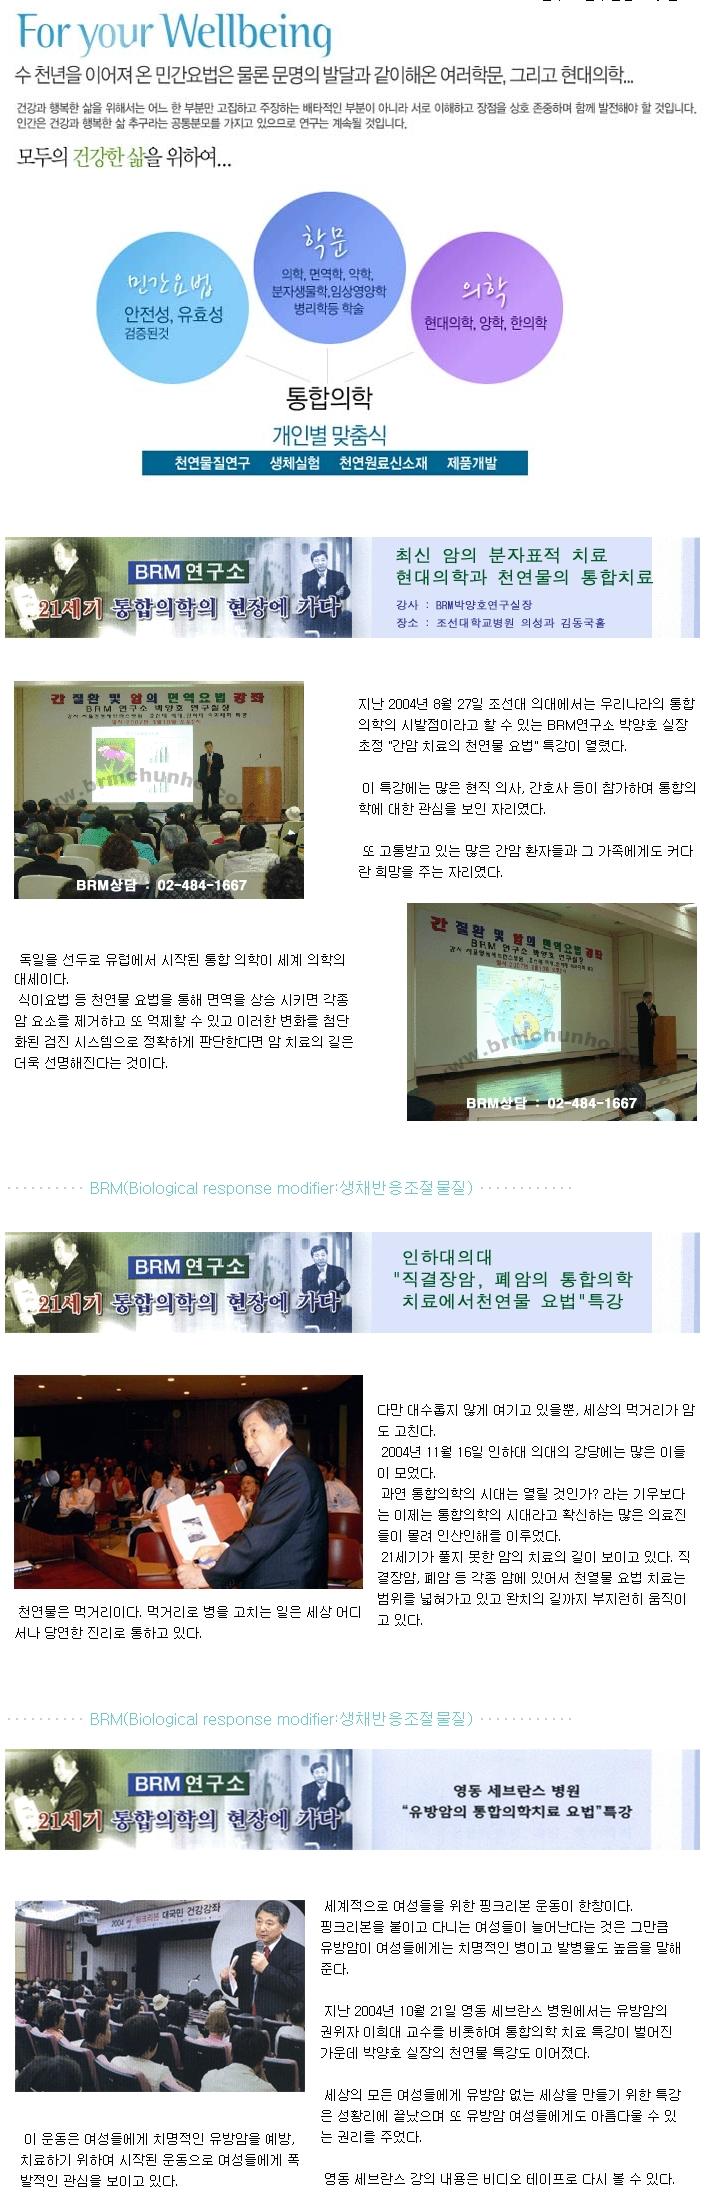 이미지1_TVK 투데이 - 박양호 실장 미국초청 강의